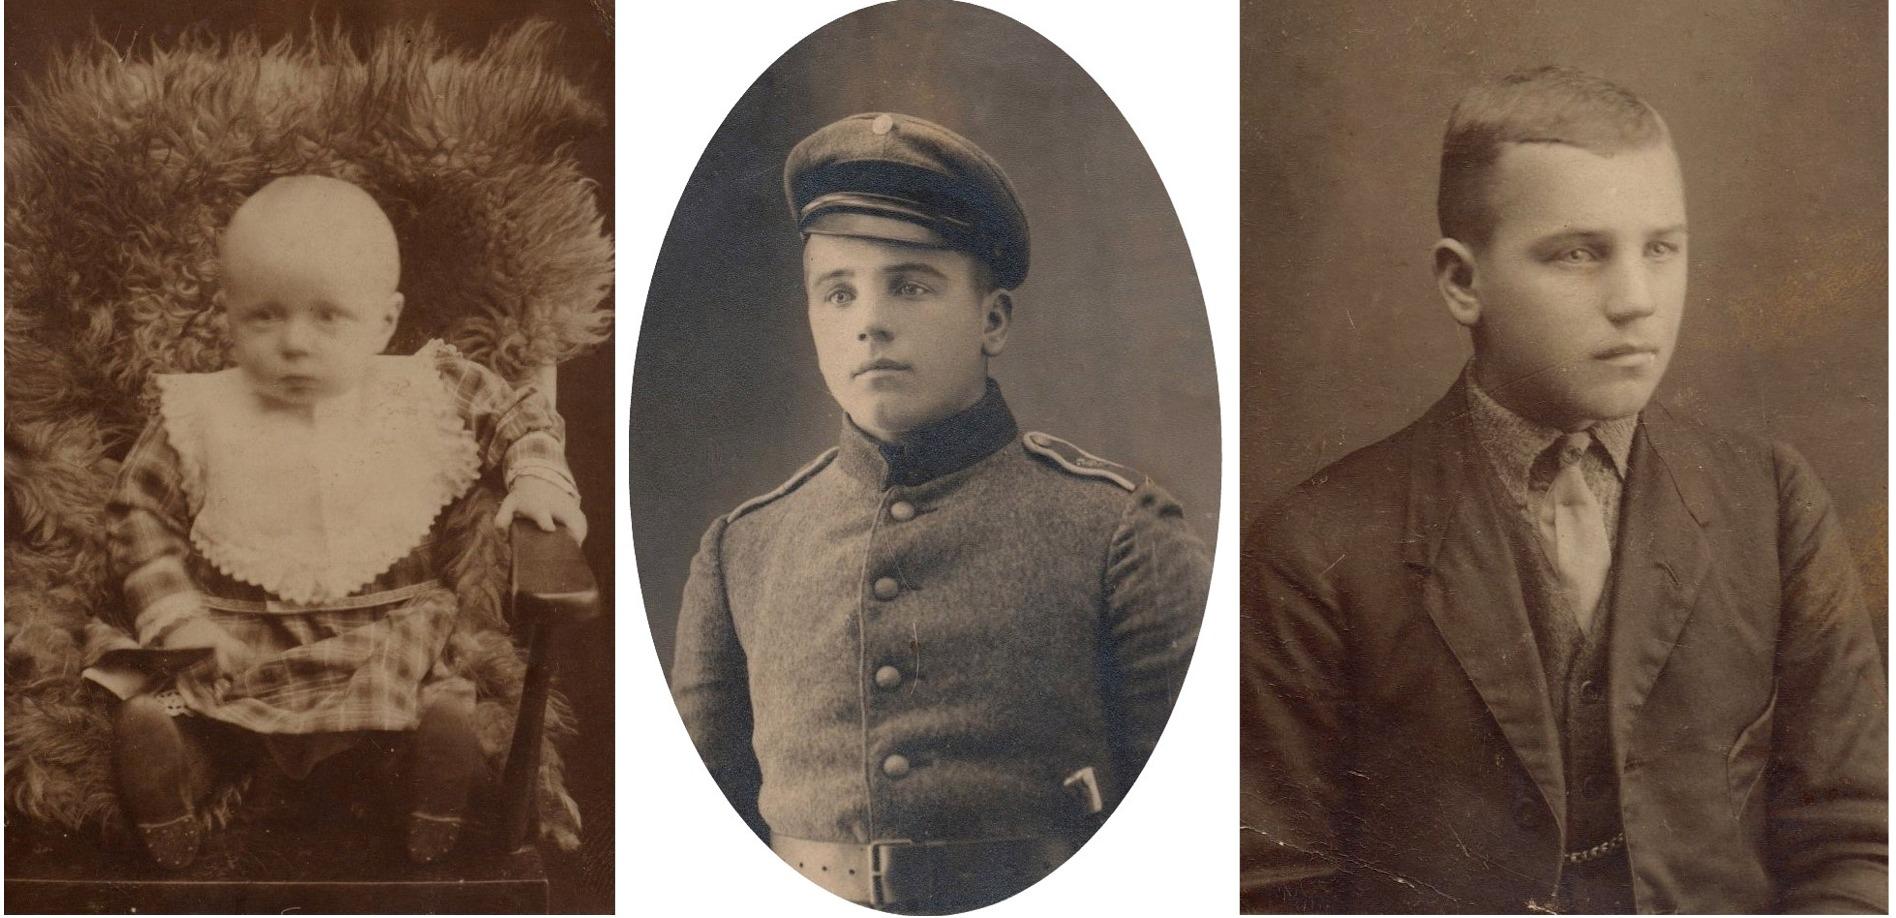 Den lilla pojken är Egil och på de 2 andra bilderna pappa Evert Storkull.